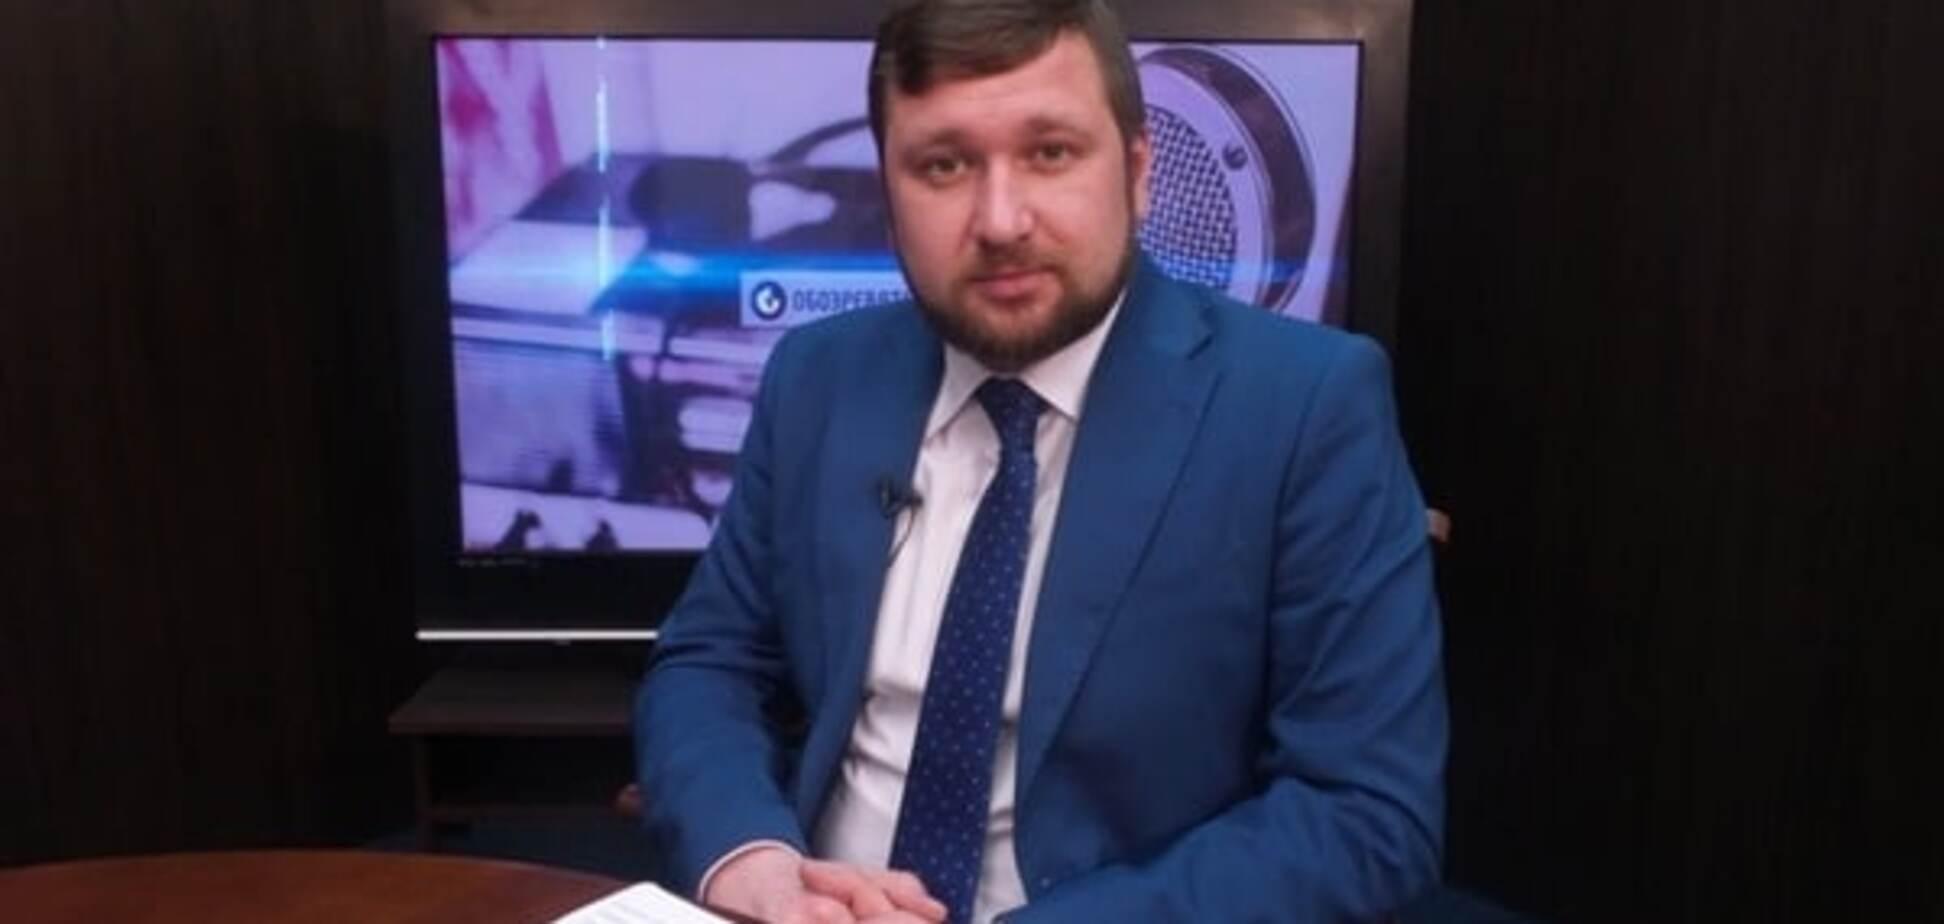 Обрушившийся дом в Киеве реставрировали без разрешительных документов - инспектор